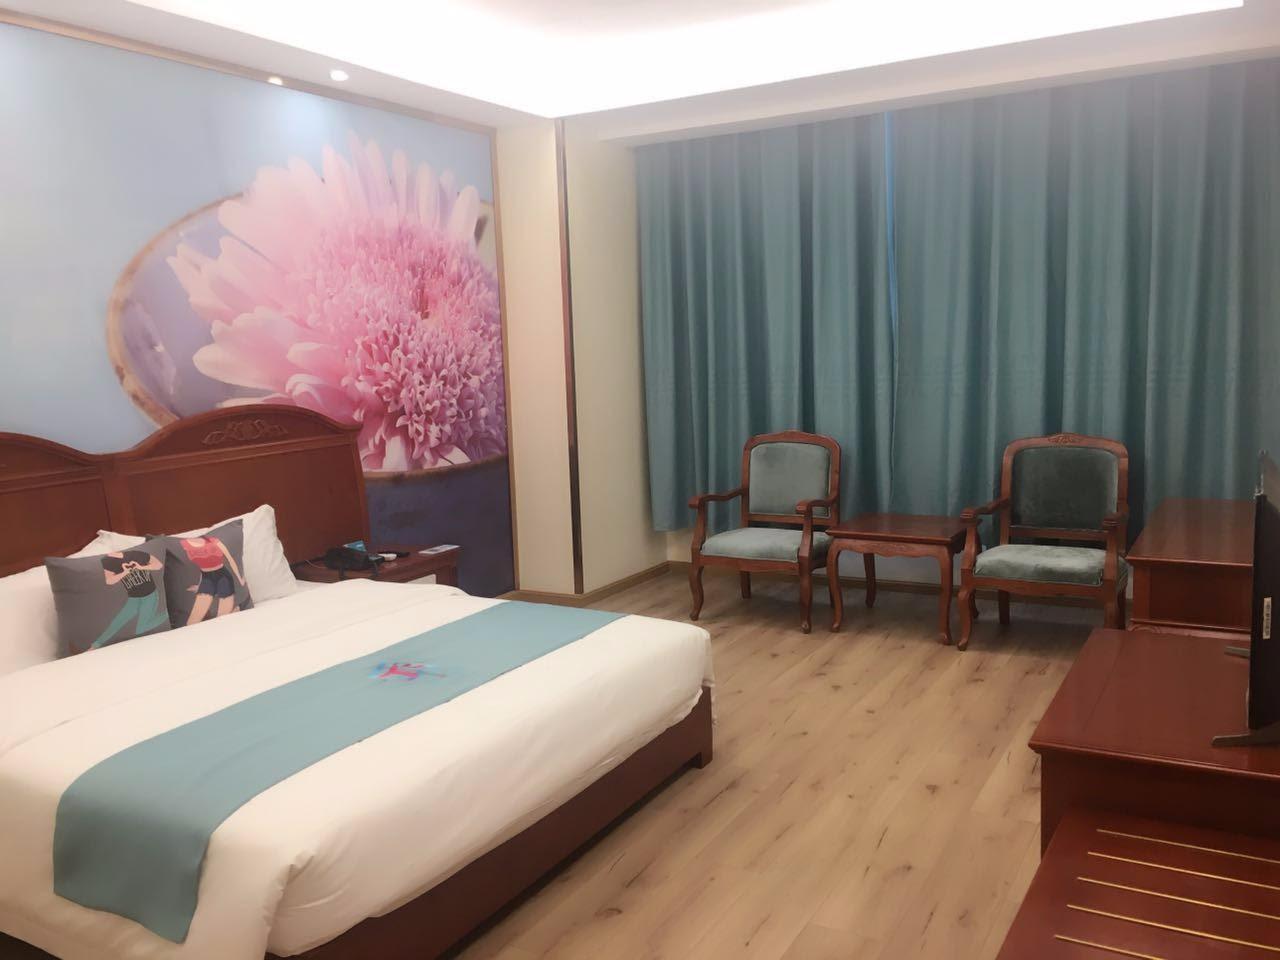 Pai Hotel Yuxi Tonghai Reviews